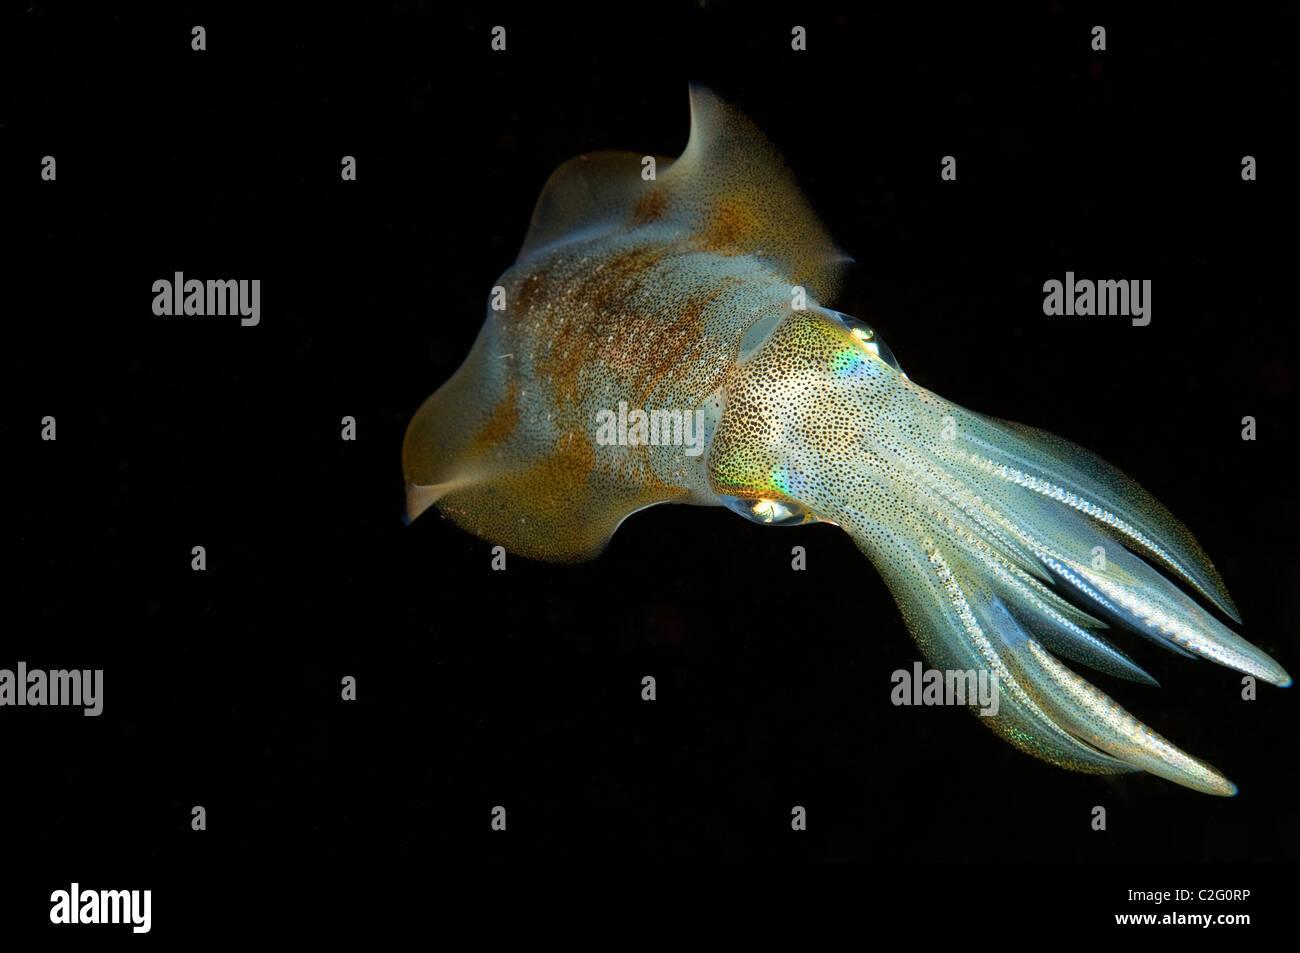 Bigfin reef squid, Sepioteuthis lessoniana, Sulawesi Indonesia. - Stock Image